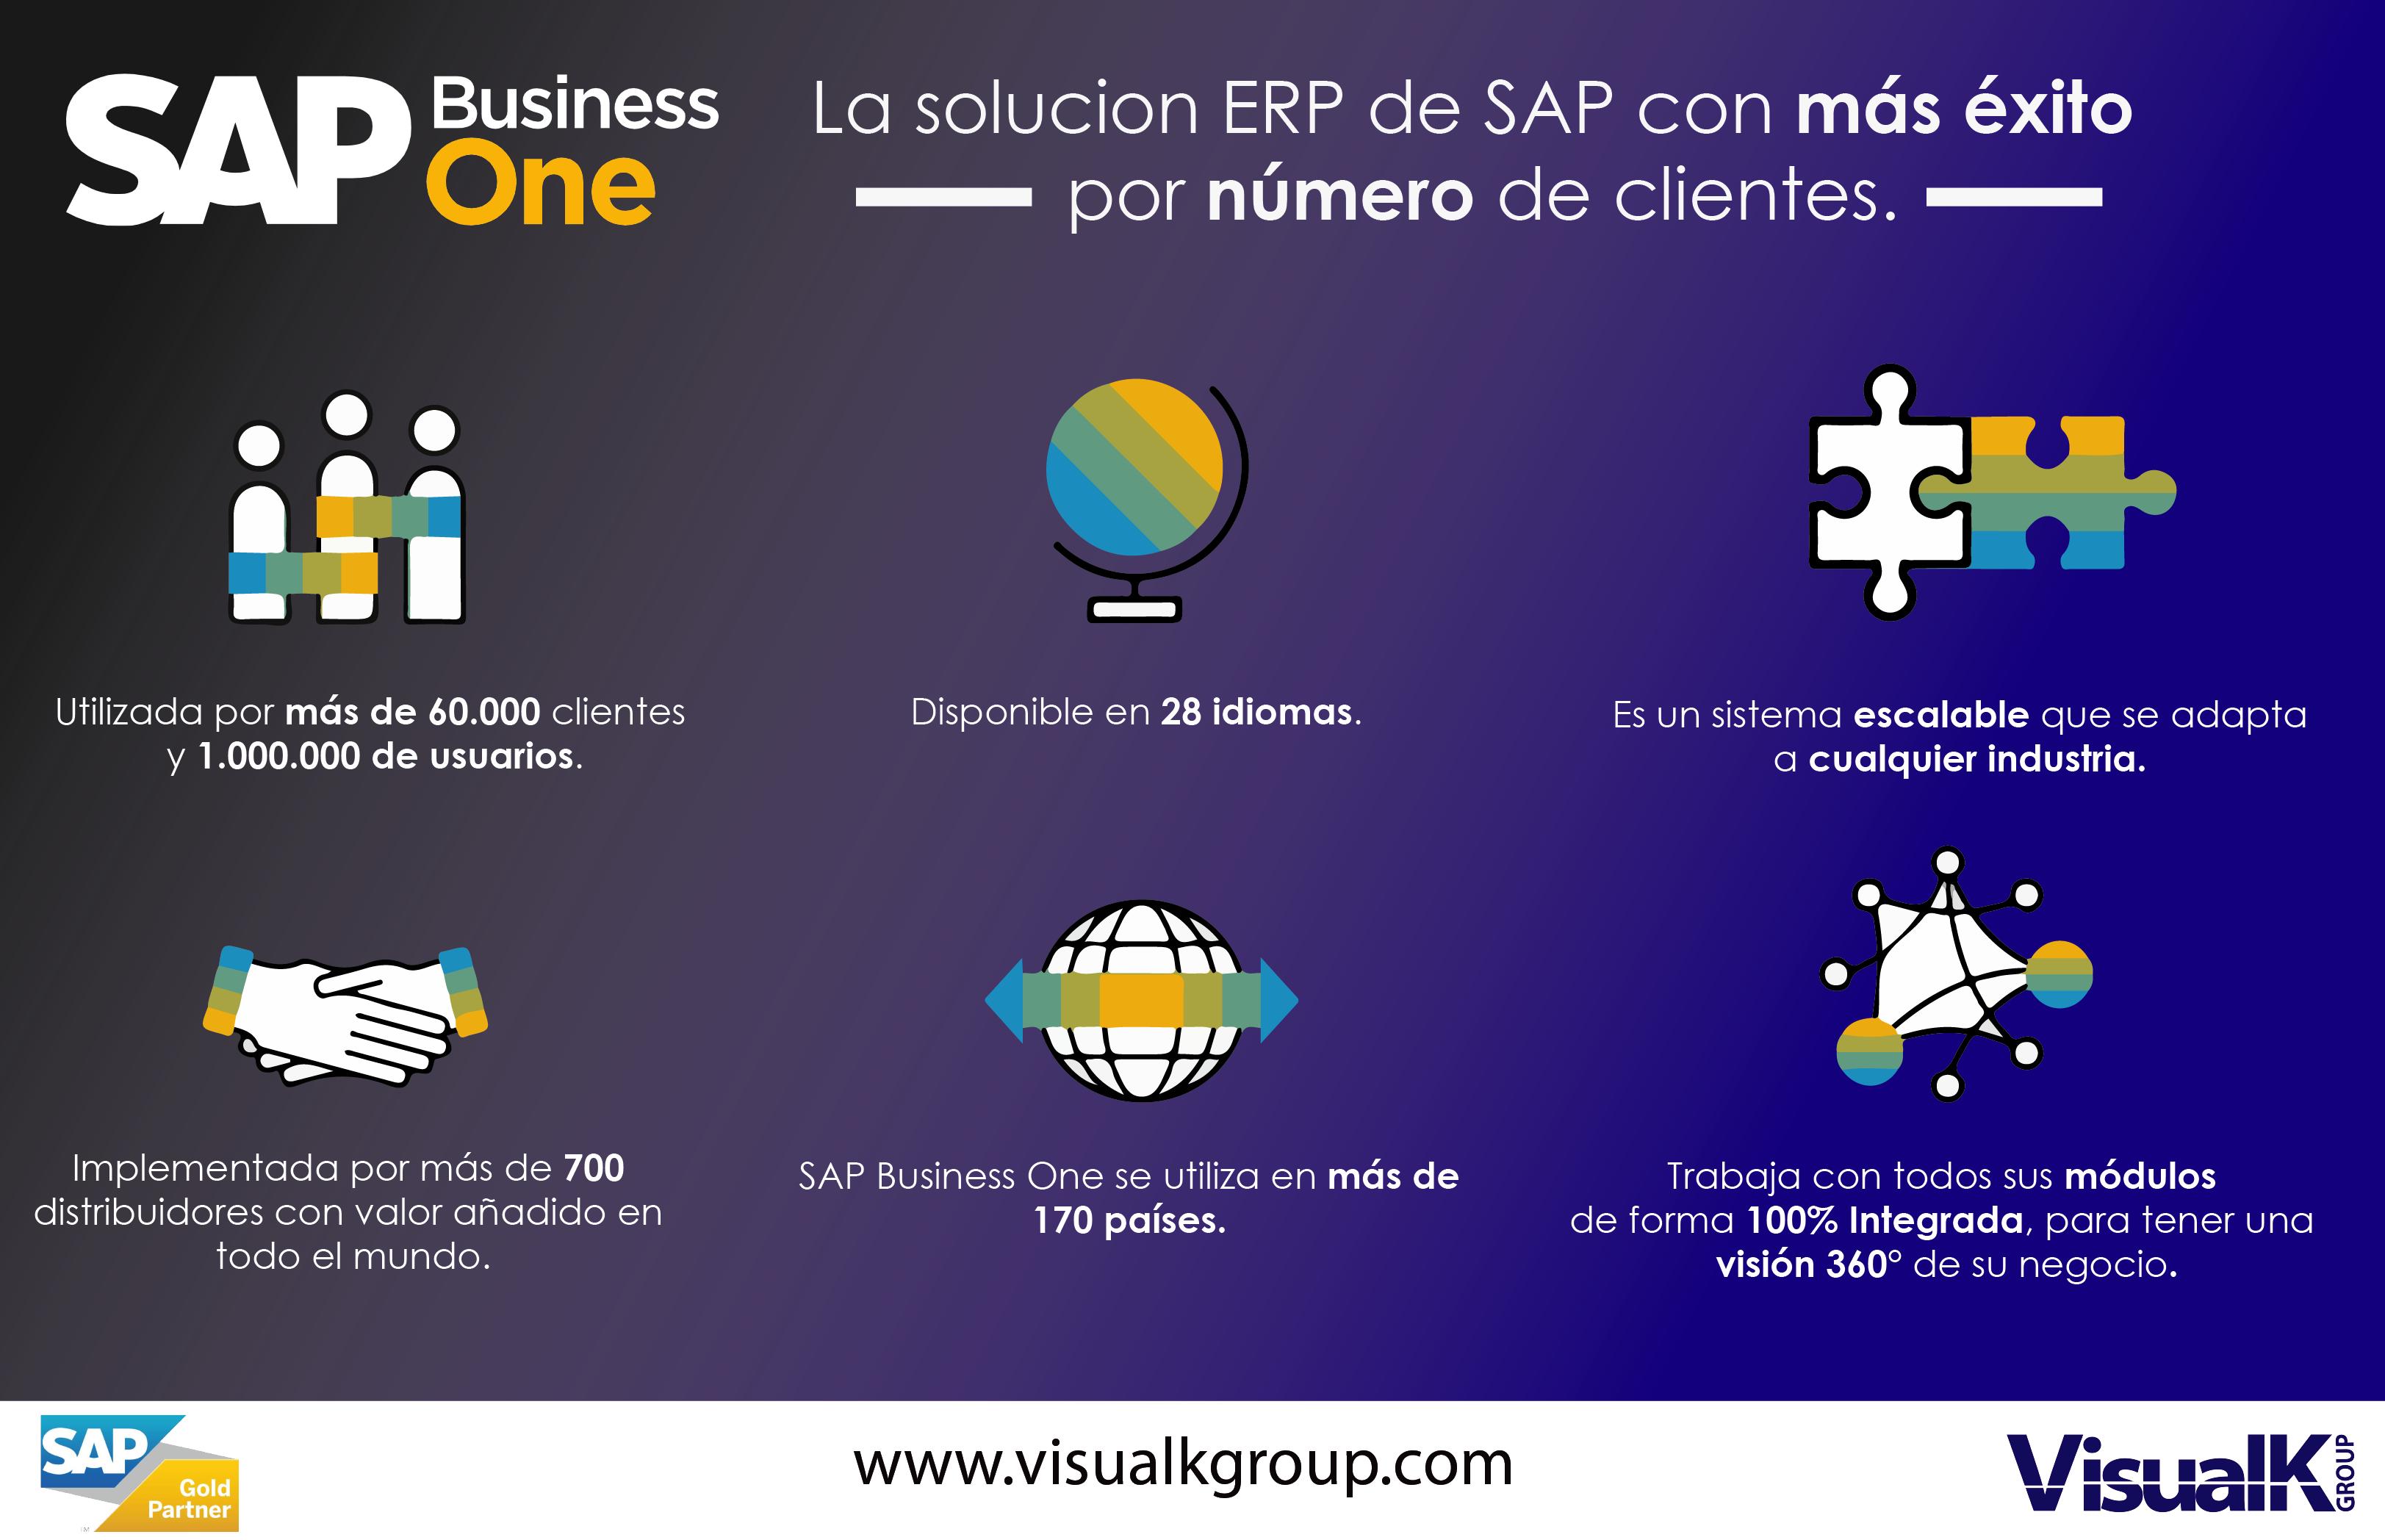 Sap Business One La Solución De Sap Con Más éxito De